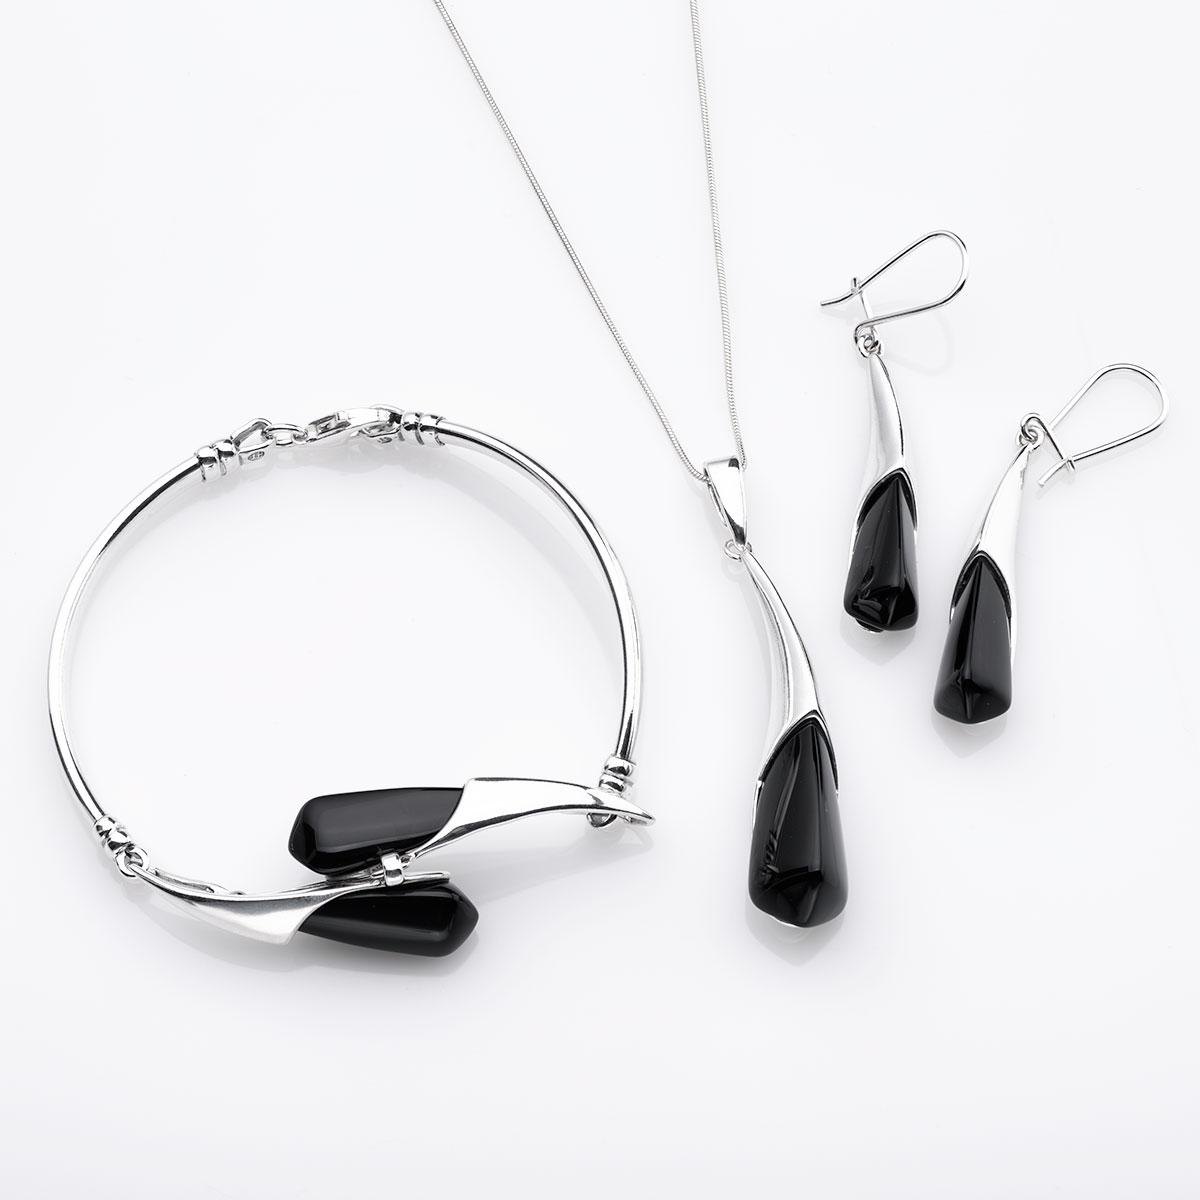 bcc4cecfbdb727 Nowoczesny komplet biżuterii srebrnej zdobionej naturalnym onyksem